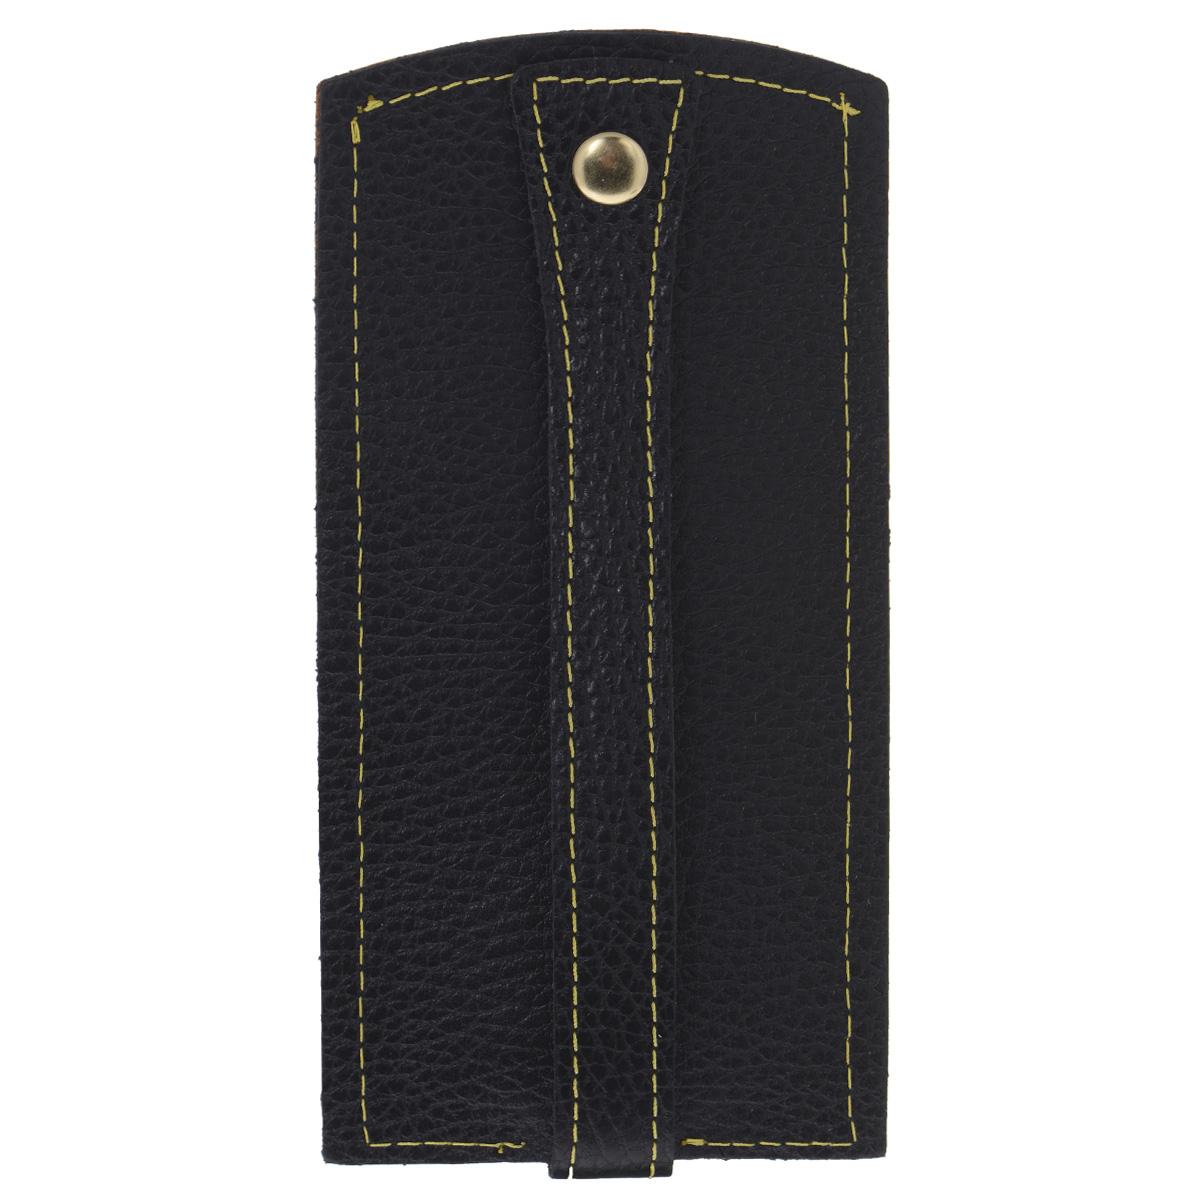 Ключница Dimanche Mumi, цвет: черный, желтый. 066066Изысканная ключница Dimanche Mumi изготовлена из высококачественной натуральной кожи и декорирована фактурным тиснением. Изделие закрывается хлястиком на кнопку. На нижнем конце хлястика расположено металлическое кольцо для крепления ключей. Ключница упакована в пластиковый чехол. Модная ключница прекрасно дополнит ваш образ и станет незаменимым аксессуаром на каждый день.